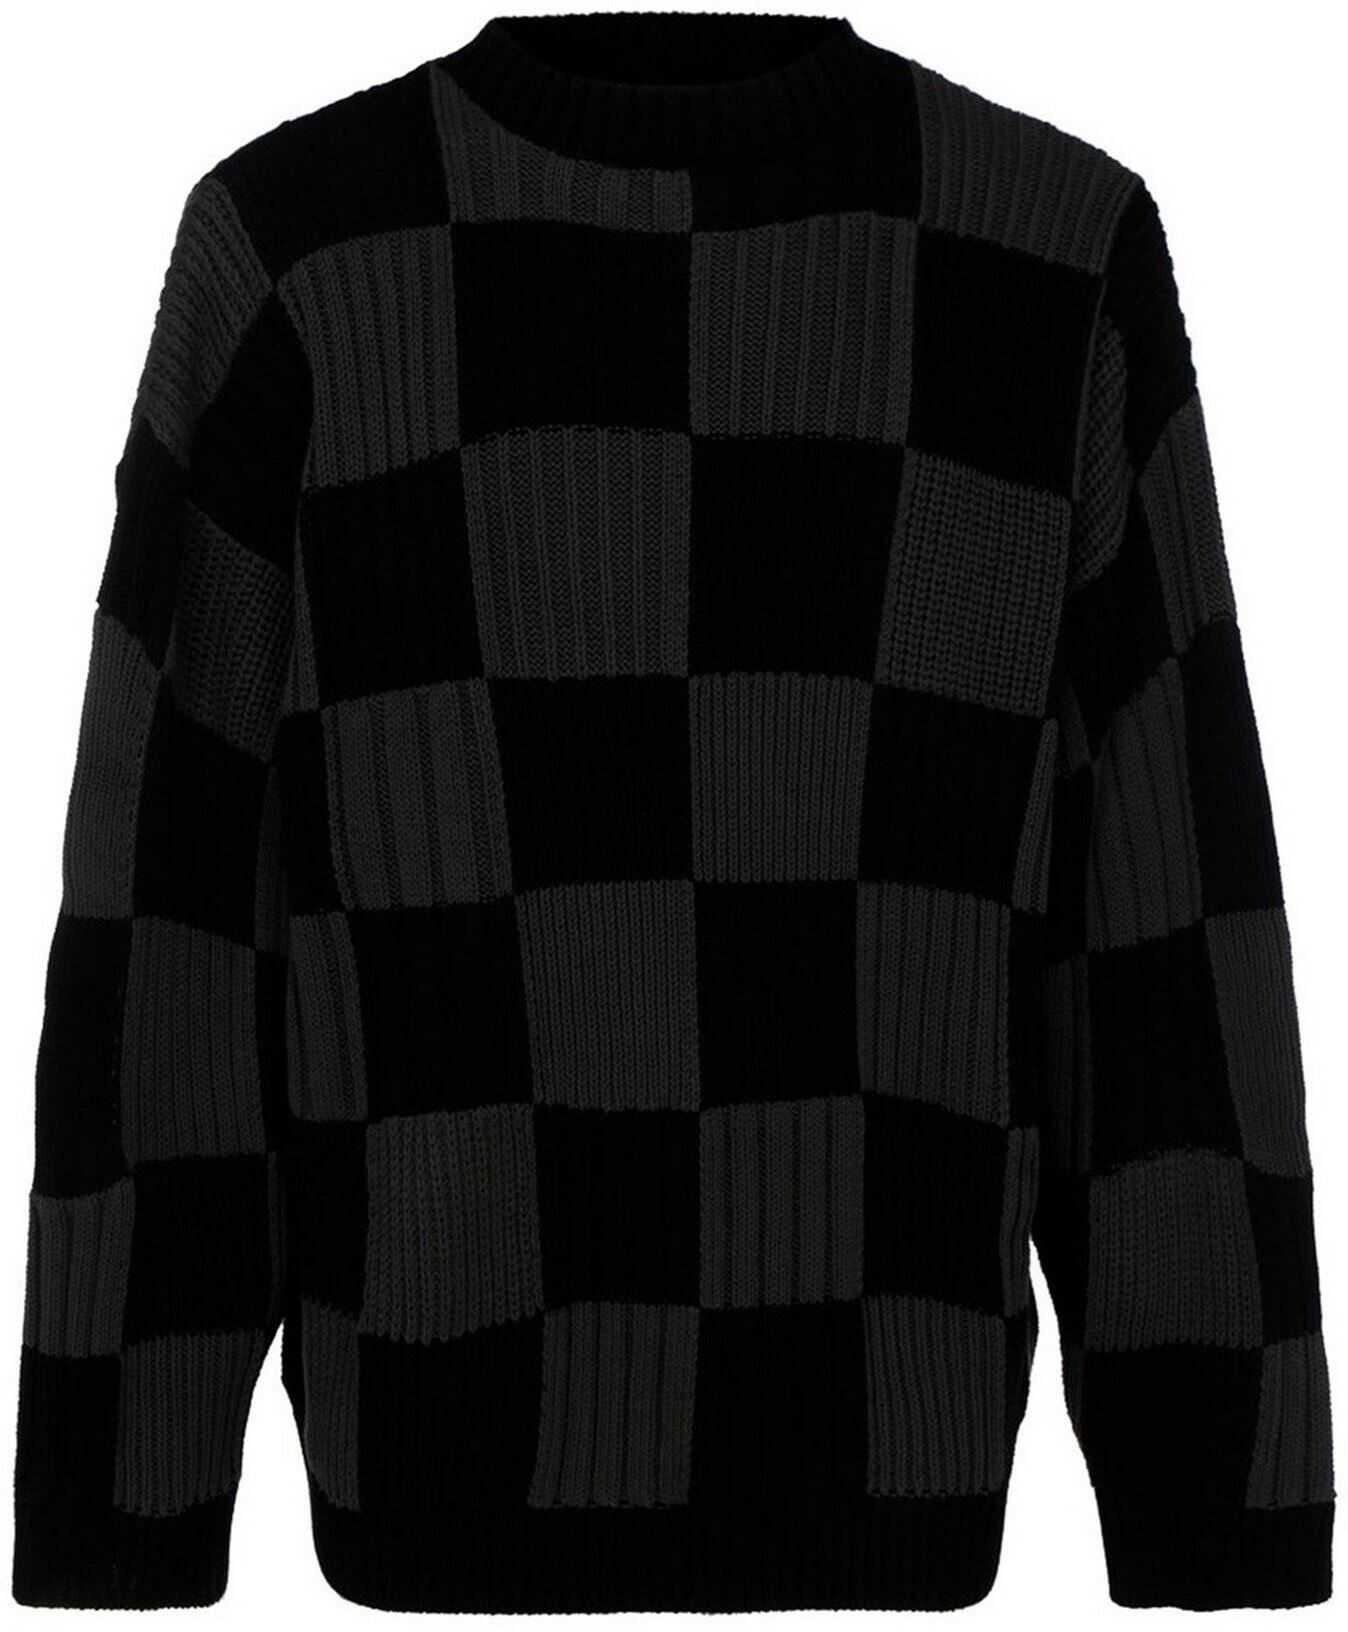 Balenciaga Check Cotton Jumper In Black Black imagine